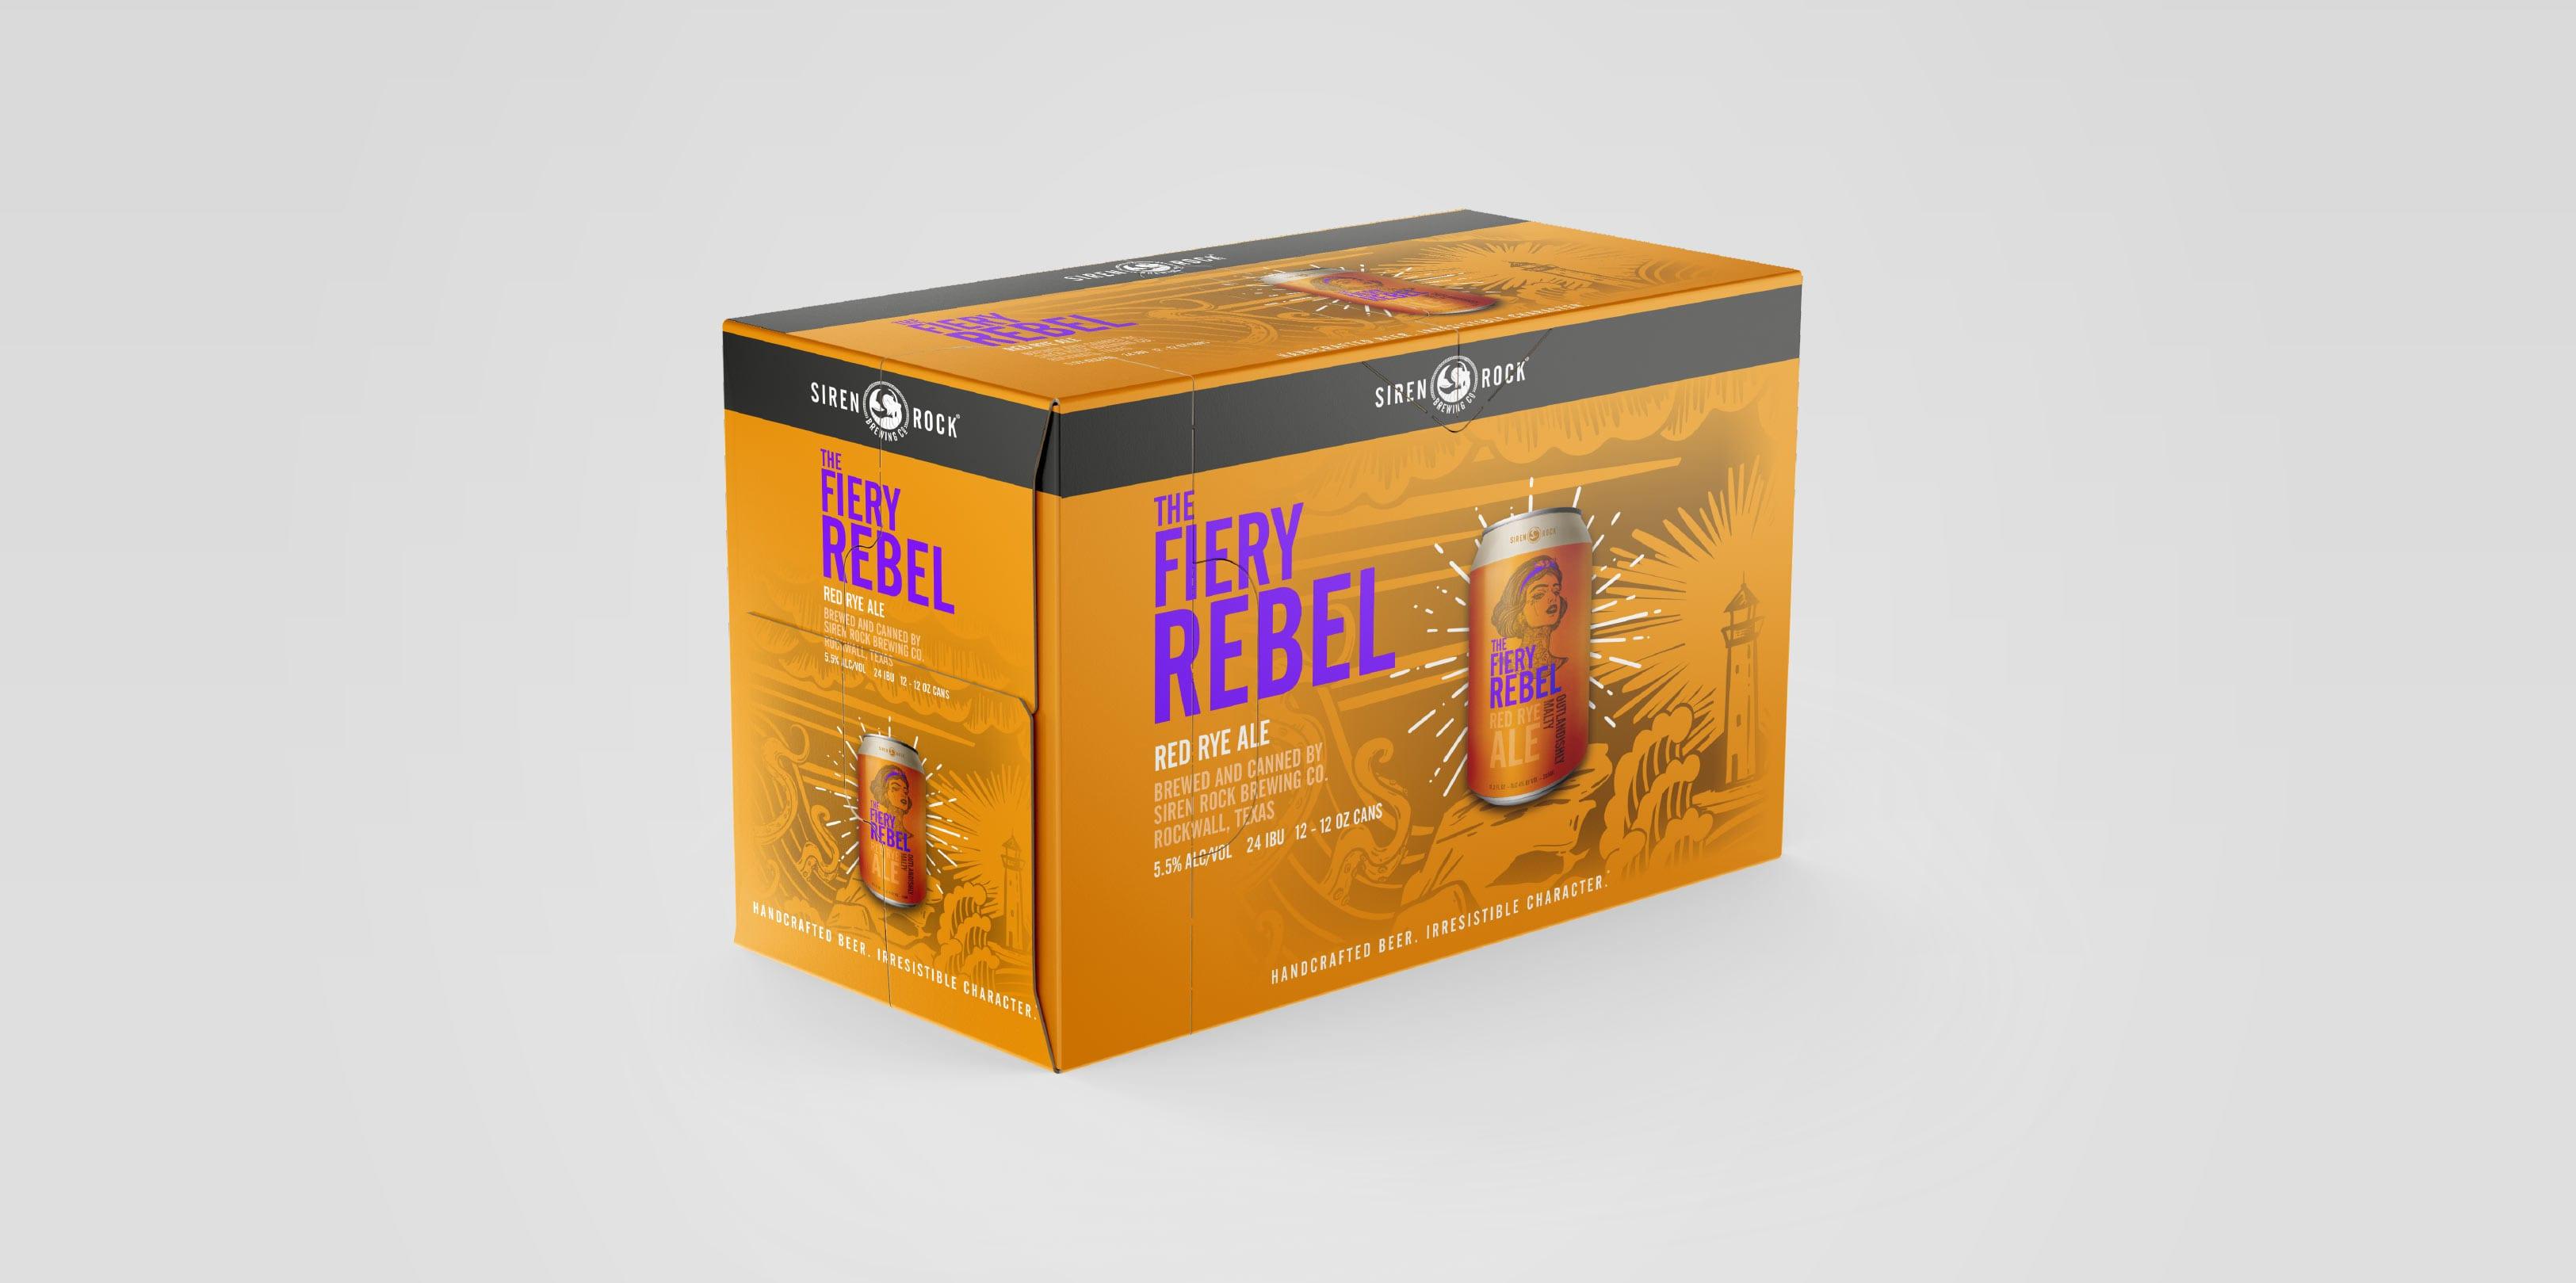 Siren Rock Box Design The Fiery Rebel